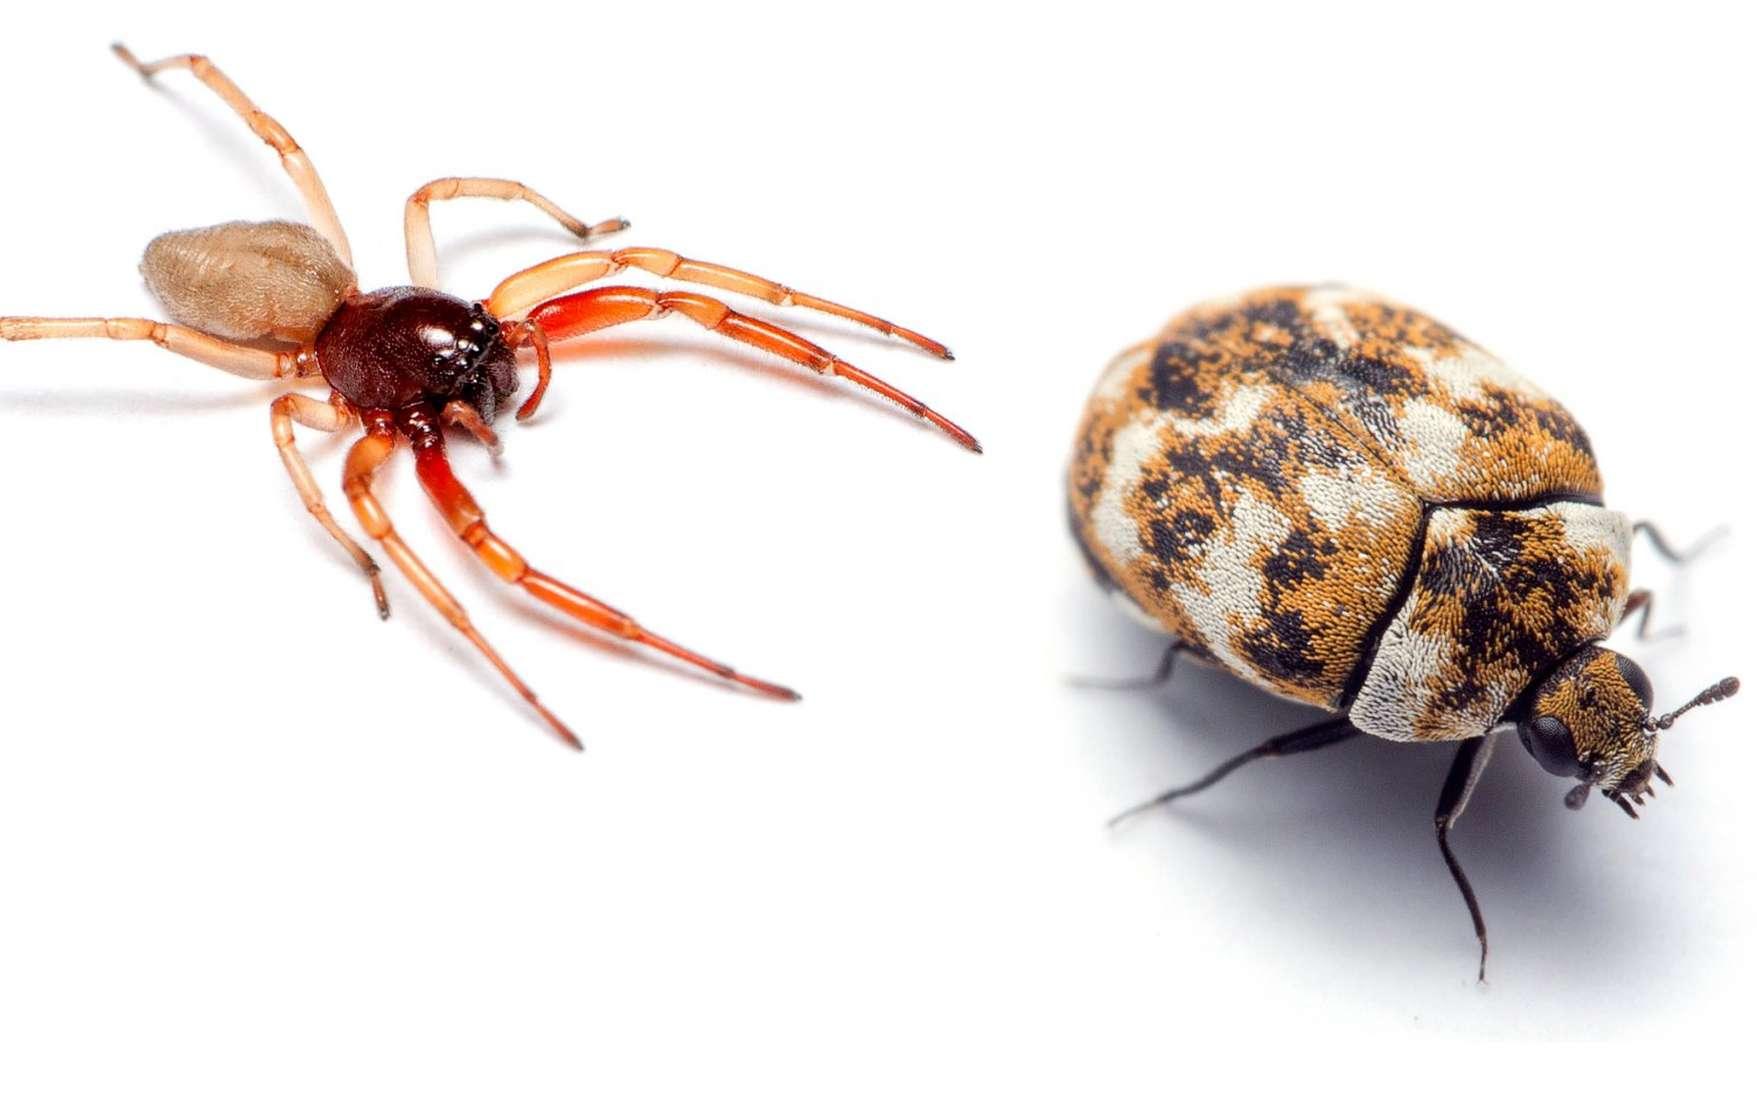 Les insectes et les araignées vivent avec nous. Mais les études sur leur biodiversité semblent rares. Un travail exhaustif a été réalisé aux États-Unis où les poussières de quelque 700 maisons ont été analysées par des chercheurs aussi efficacement que par des limiers de la police criminelle. © D'après Bertone et al.